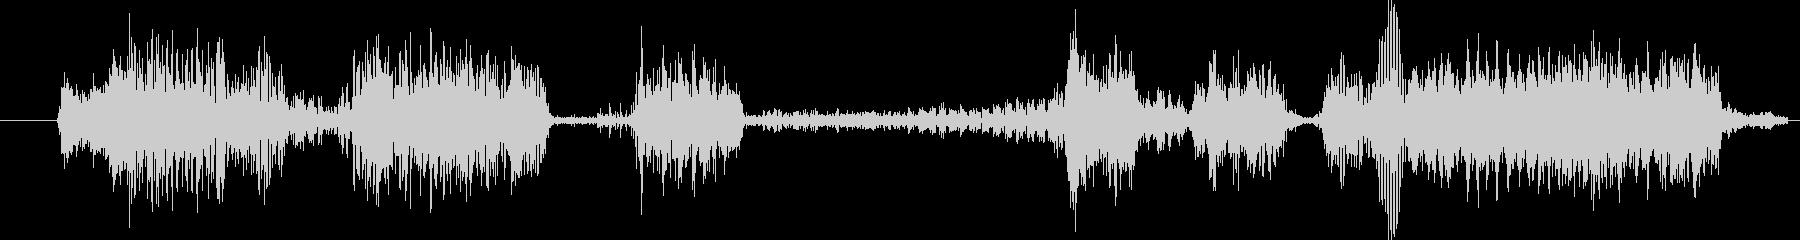 モンスター グリッチトーク02の未再生の波形